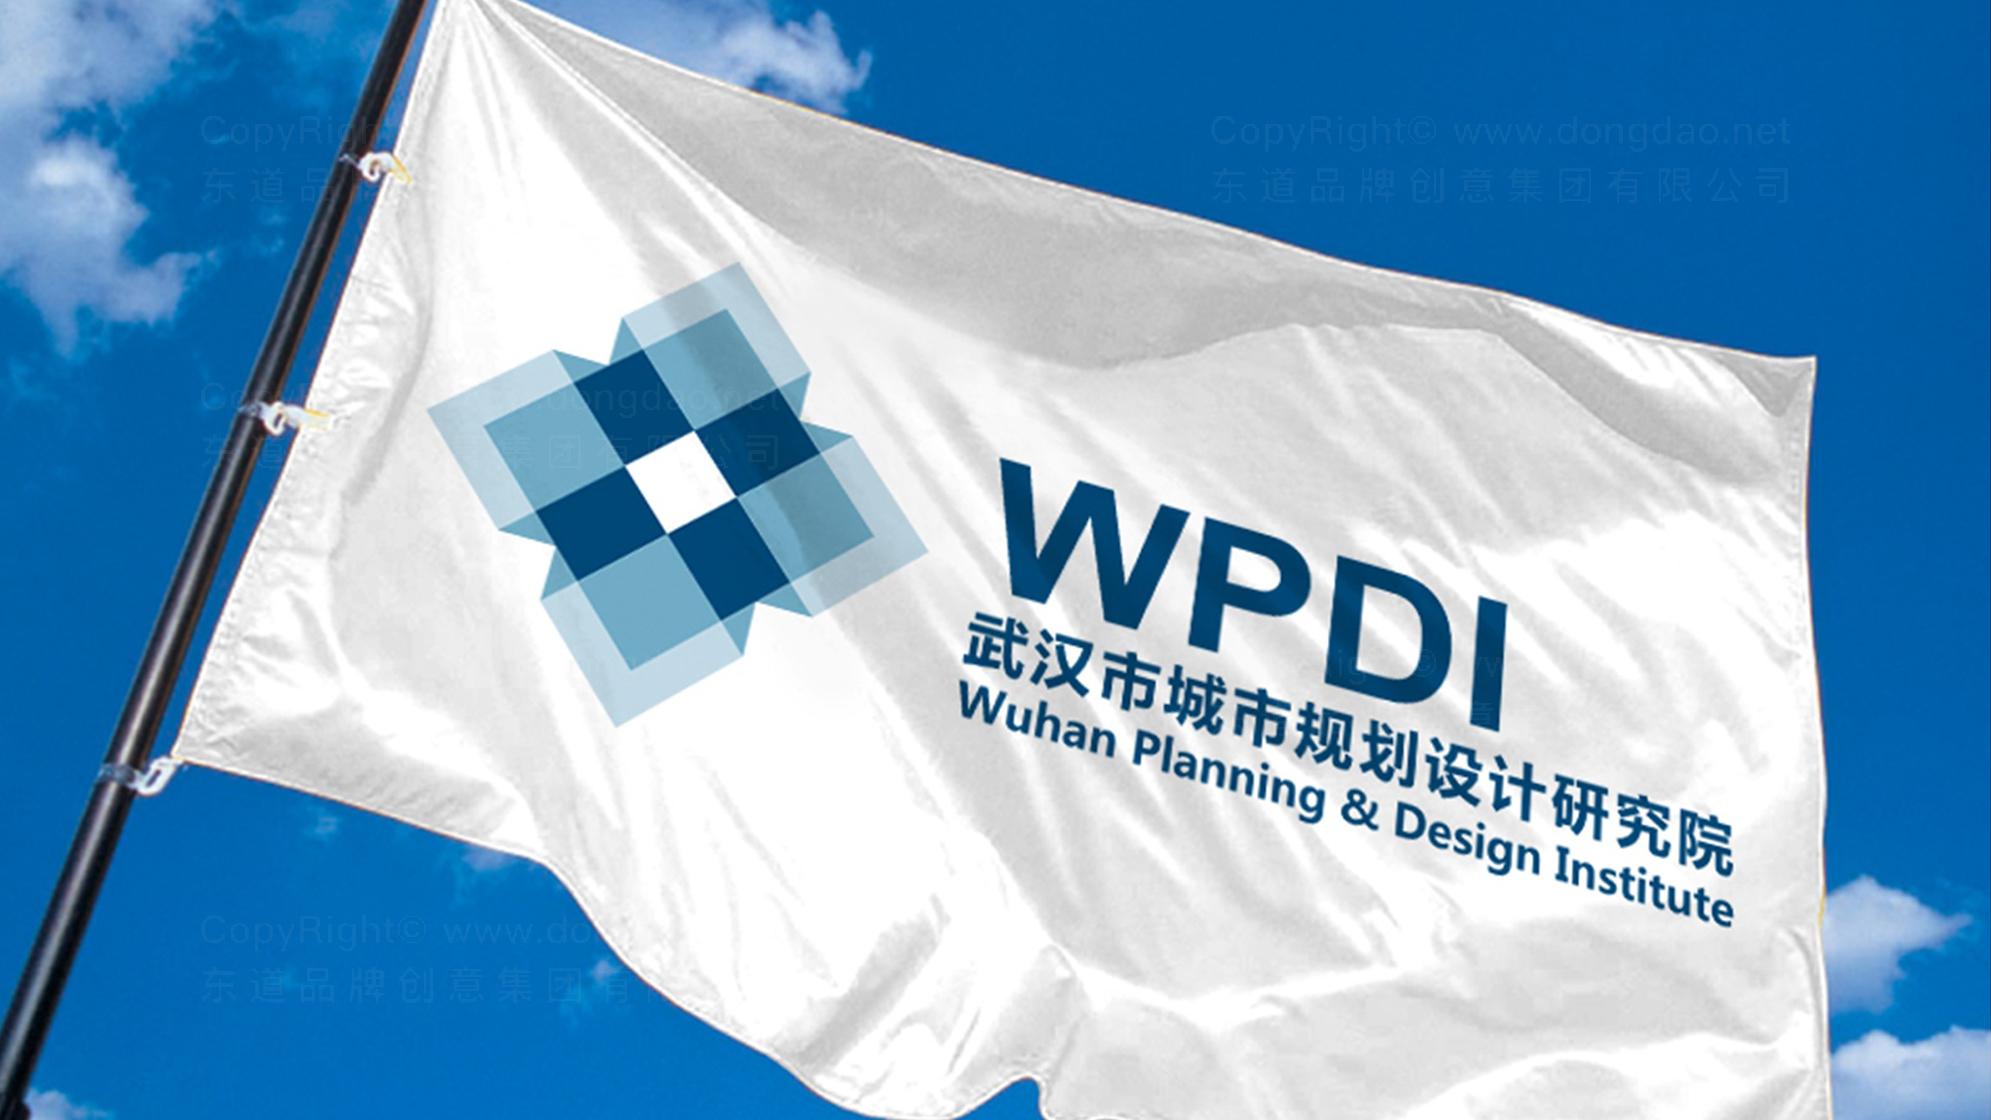 品牌设计武汉城市规划研究院LOGO&VI设计应用场景_8